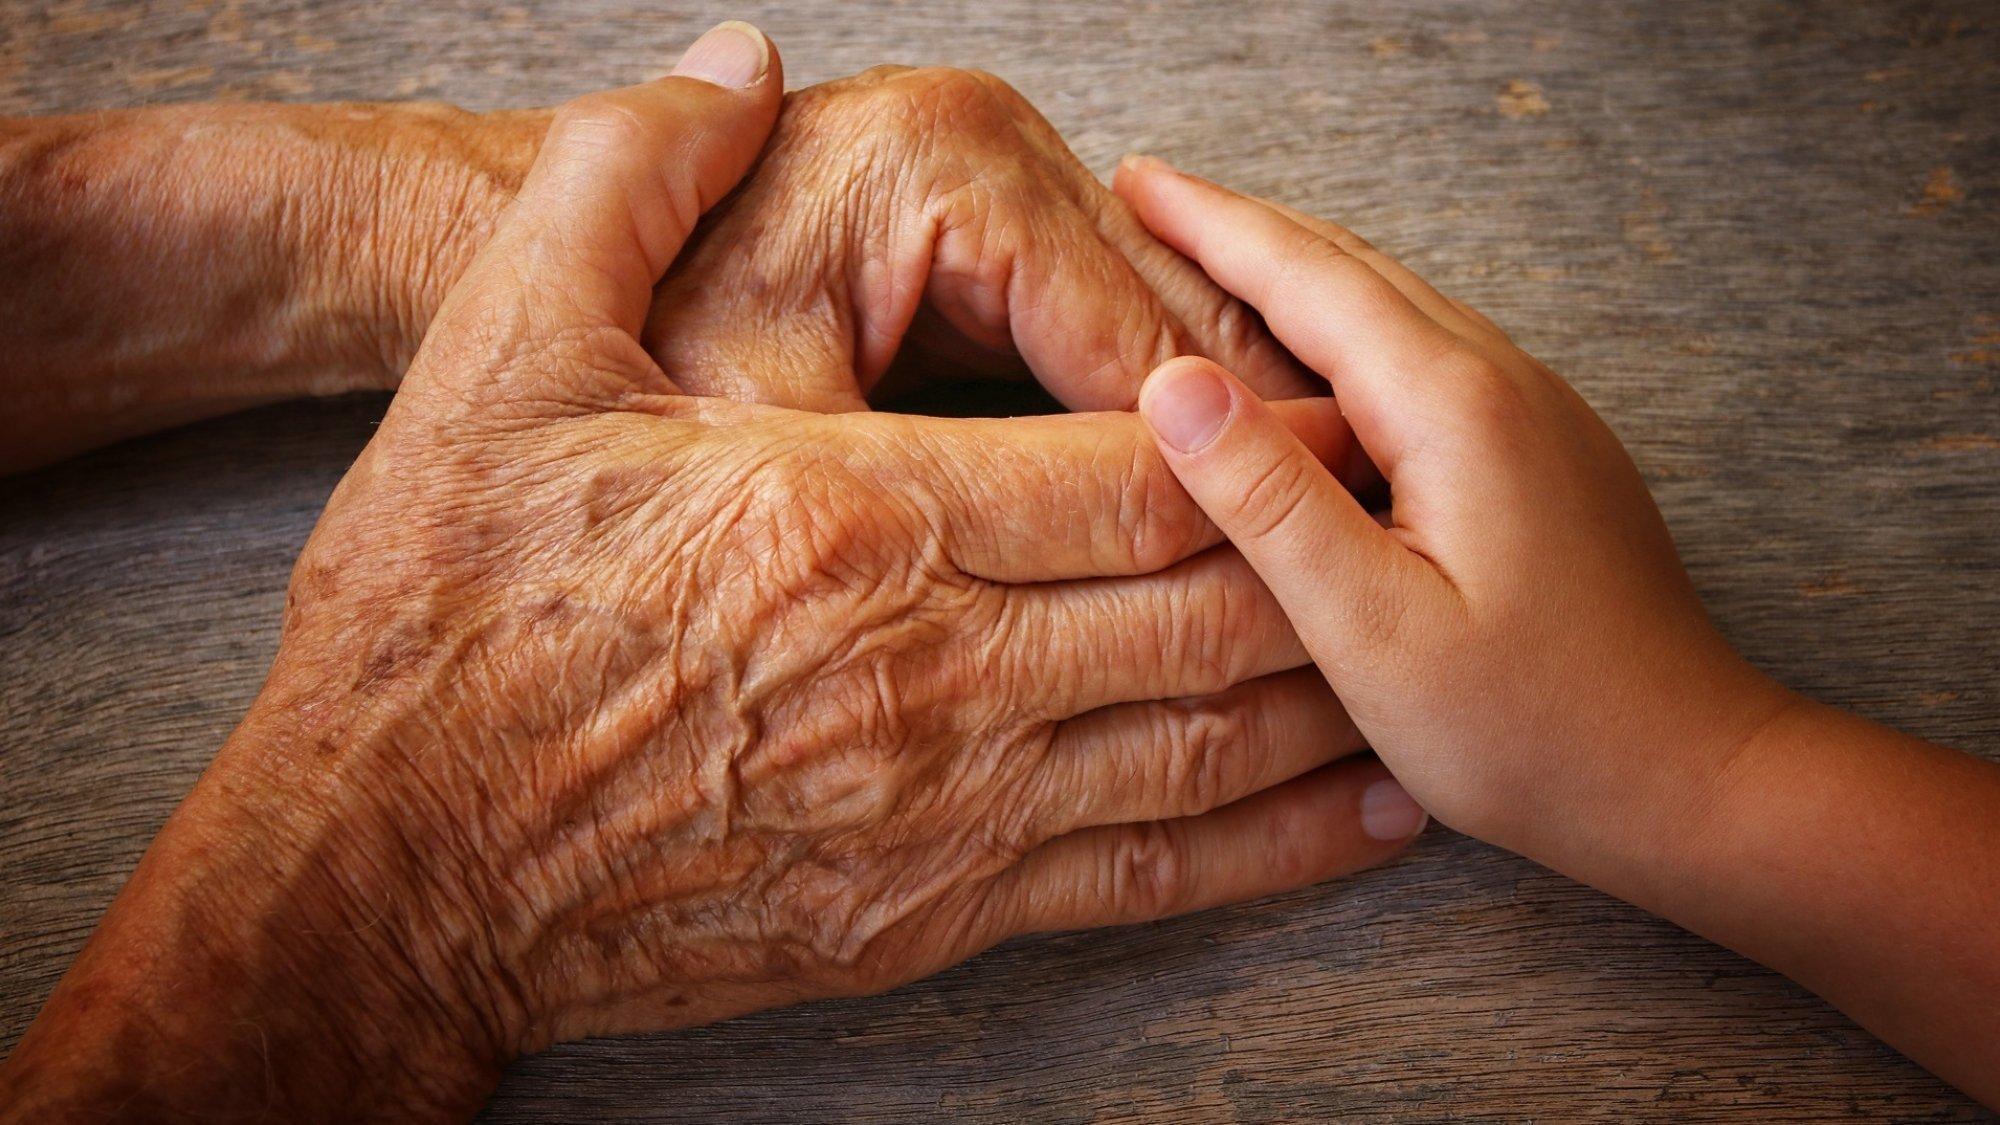 Foto von der Hand eines alten Mannes, der die Hand eines Kindes hält.